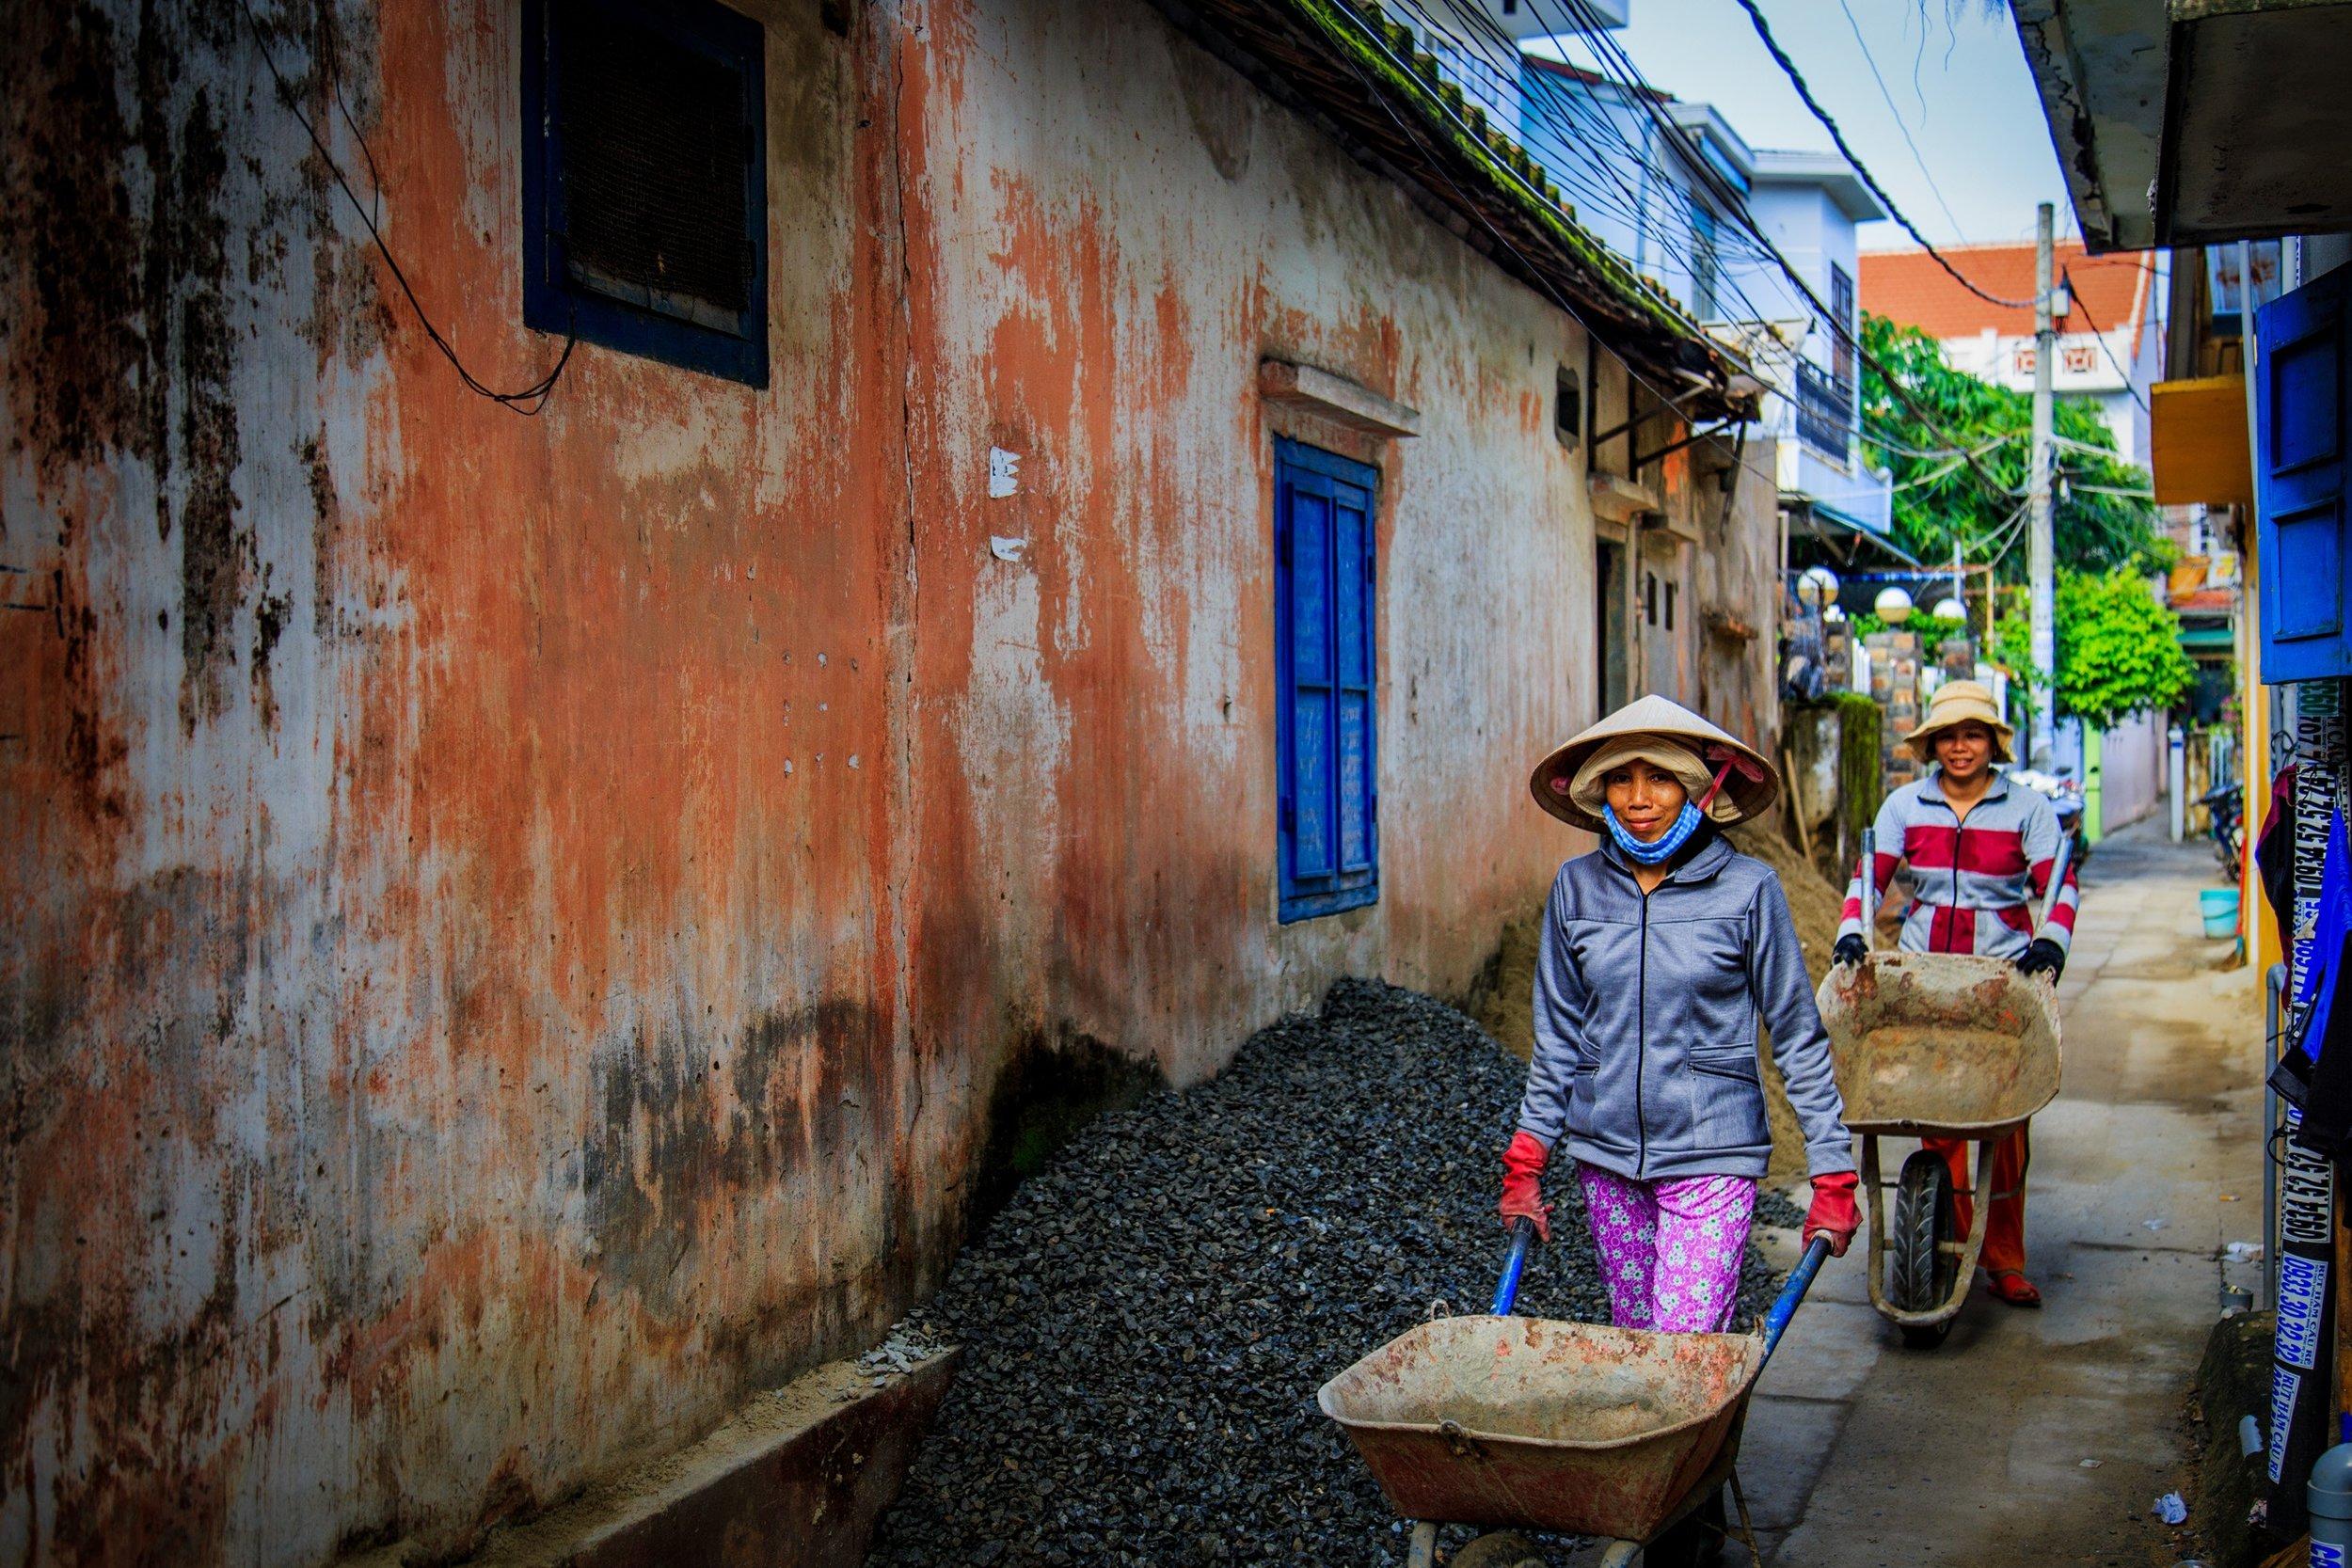 Adentrándote en Vietnam - Día 3.- Ho Chi Minh - Cao Dai - Cu Chi - Ho Chi MinhSalida temprana por carretera para cruzar los pueblos del sur hasta Tay Ninh, a 96 km de la ciudad de Saigon y capital de la provincia del mismo nombre. La ciudad de Tay Ninh alberga el gran Templo Cao Dai. El caodaismo es una de las religiones más originales que se practican hoy en día. Su doctrina es una combinación del Taoísmo, Budismo, Confucionismo, Cristianismo e Islam y su templo es una verdadera mezcla arquitectónica de todas estas religiones. Almuerzo en restaurante local. A continuación realizaremos la visita a los famosos túneles de Cu Chi: Los amantes de la historia no pueden perder la visita al distrito de Cu Chi, a unos 35 km al nordeste de Saigon. En los años 50, el Viet Minh excavó en esta zona una red de túneles que los Viet Cong ampliarían más tarde. Esta red, de más de 250 km, constituía a fines de los años 60 una auténtica ciudad subterránea con varios niveles, con sus dormitorios comunes, hospitales de campaña, fábrica y almacenes de armas, cocinas y centros de mando. Los Viet Cong llegaron a excavar hasta 12 metros bajo el suelo. Una sección de unos 50 metros está abierta a los visitantes, a la que se accede por una entrada que comunica con el túnel principal. Regreso al hotel y alojamiento en Ho Chi Minh City.